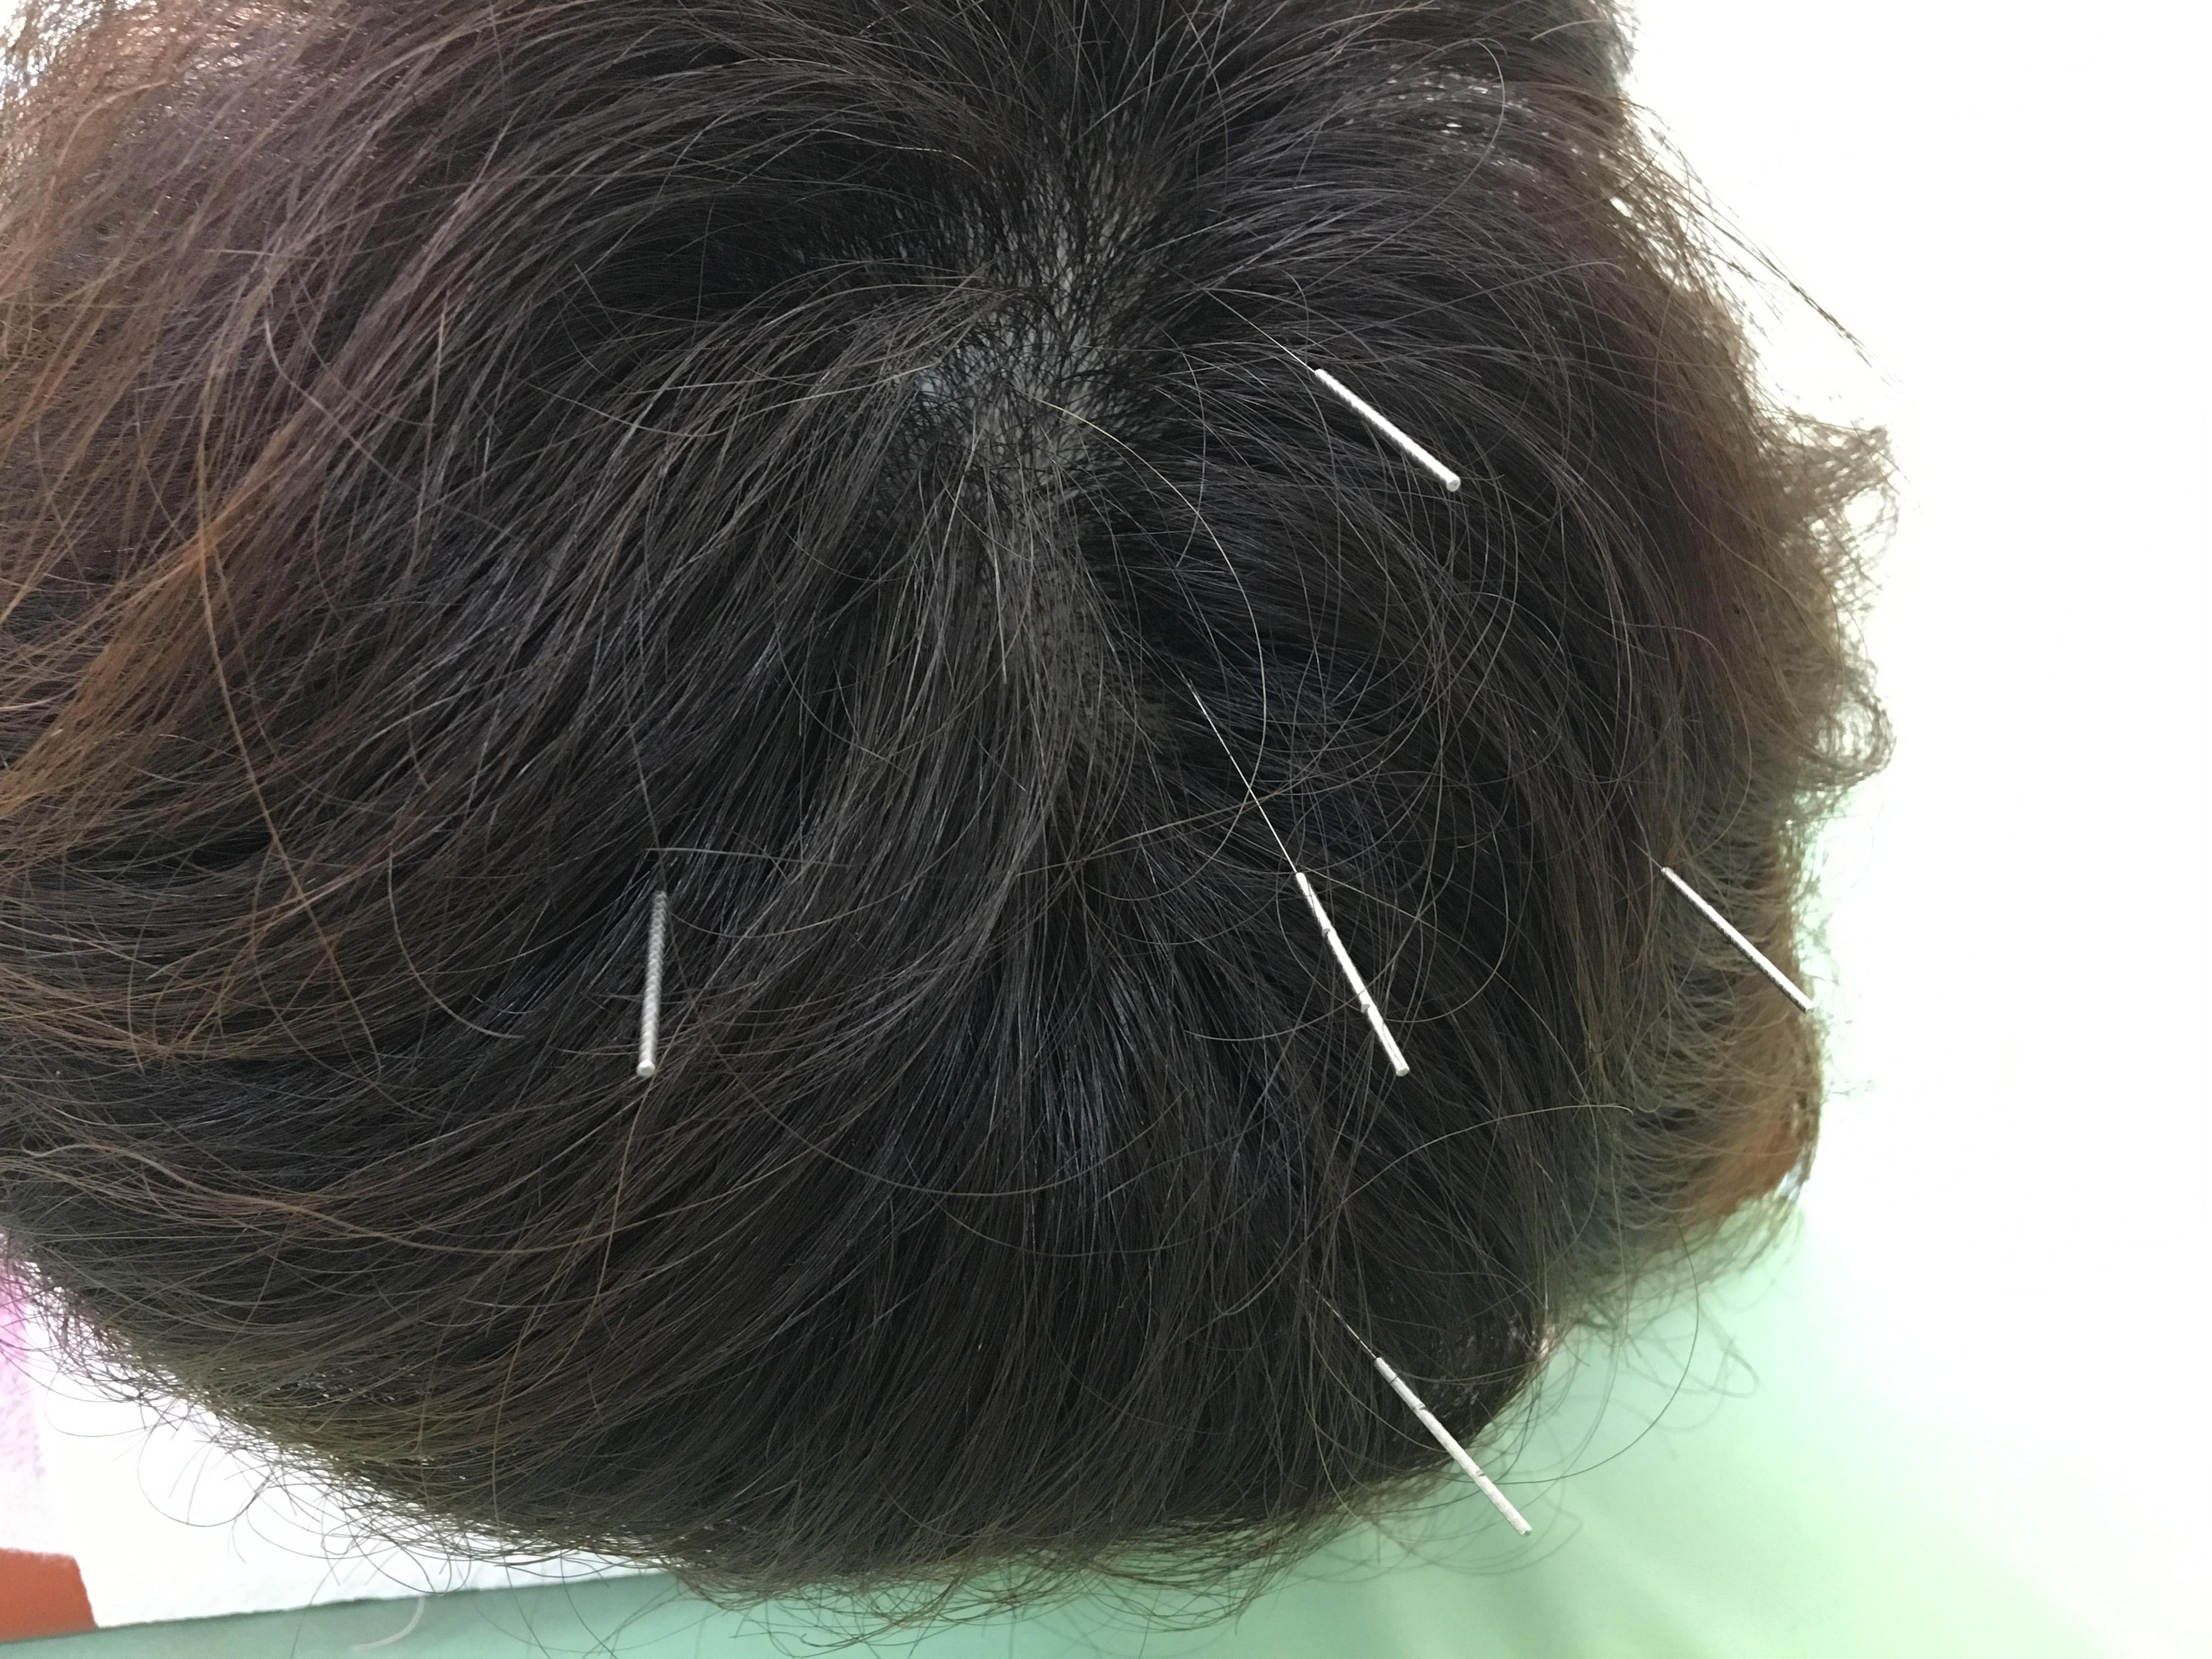 不眠症、浅眠りに効果的なツボ百会、四神総。自律神経や抜け毛にも良いです。(結果には個人差があります)